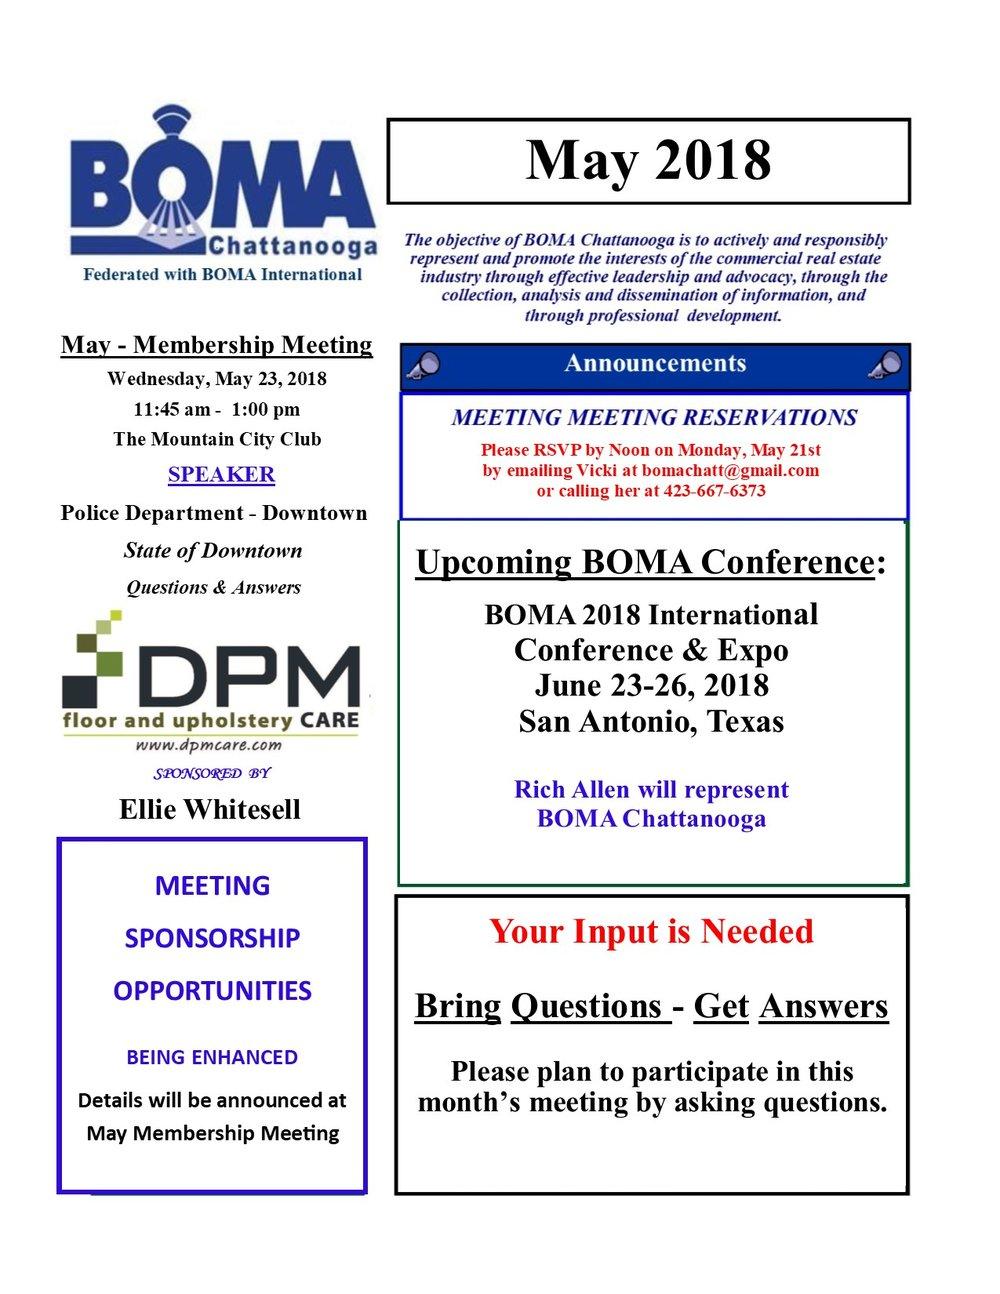 May 2018 Newsletter.jpg